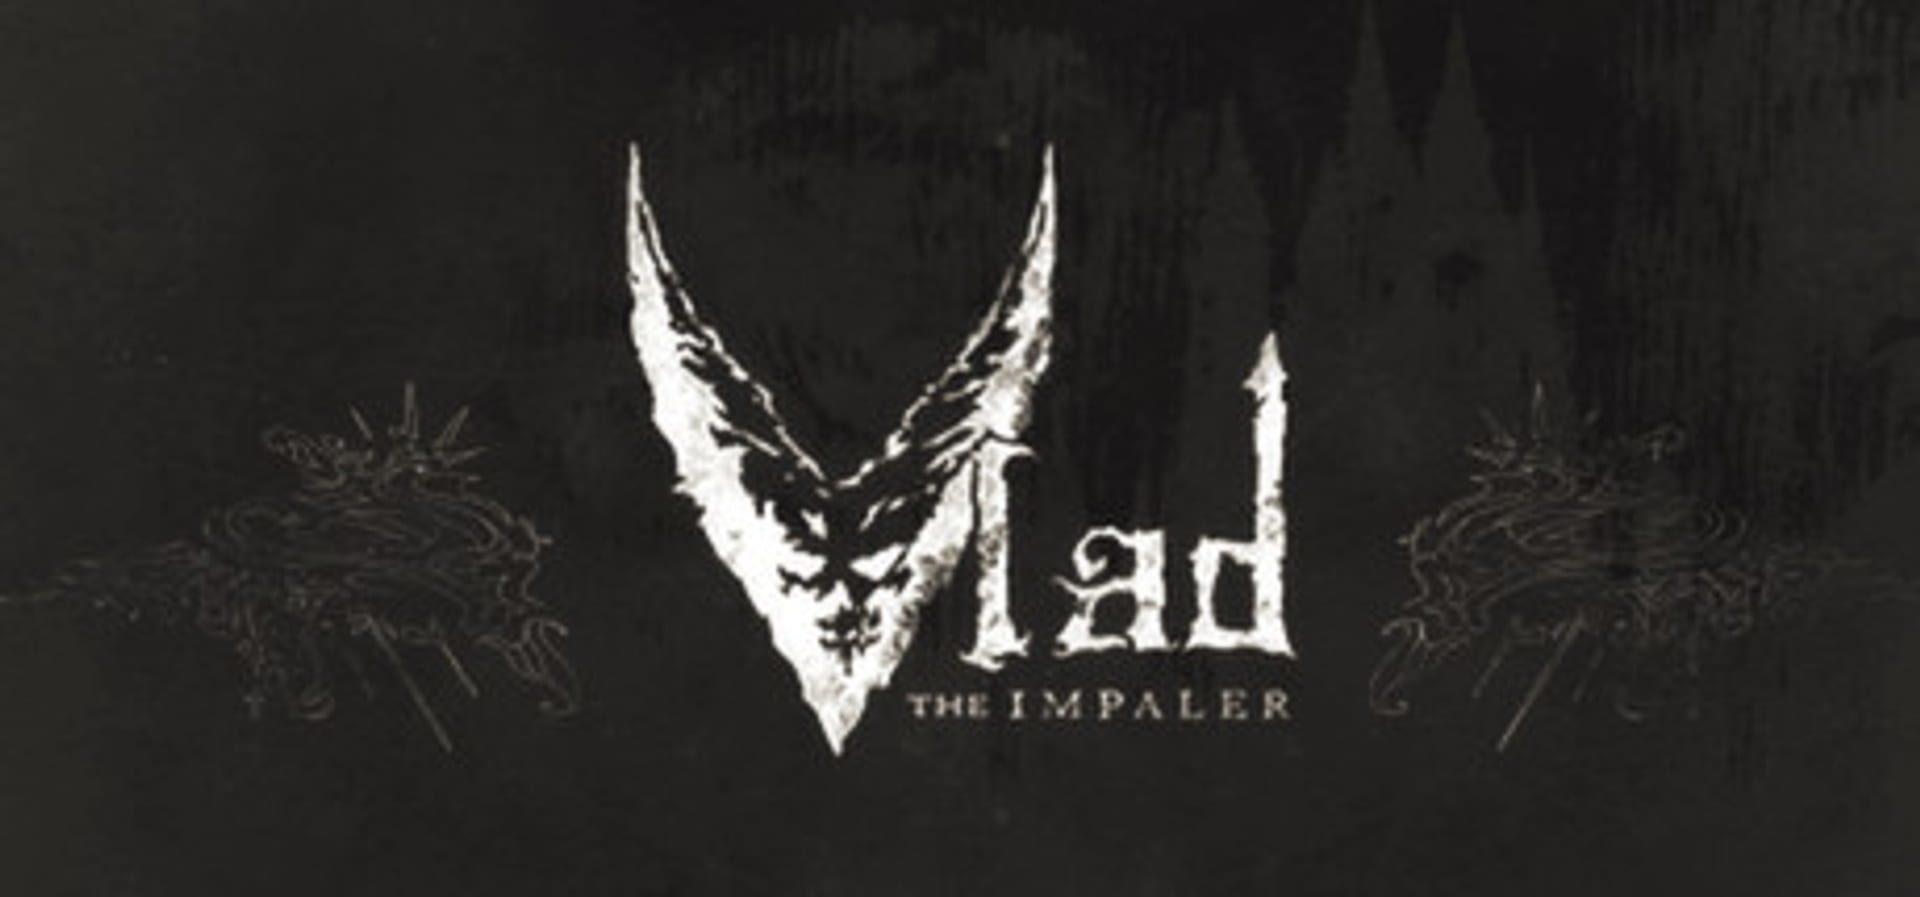 buy Vlad the Impaler cd key for all platform